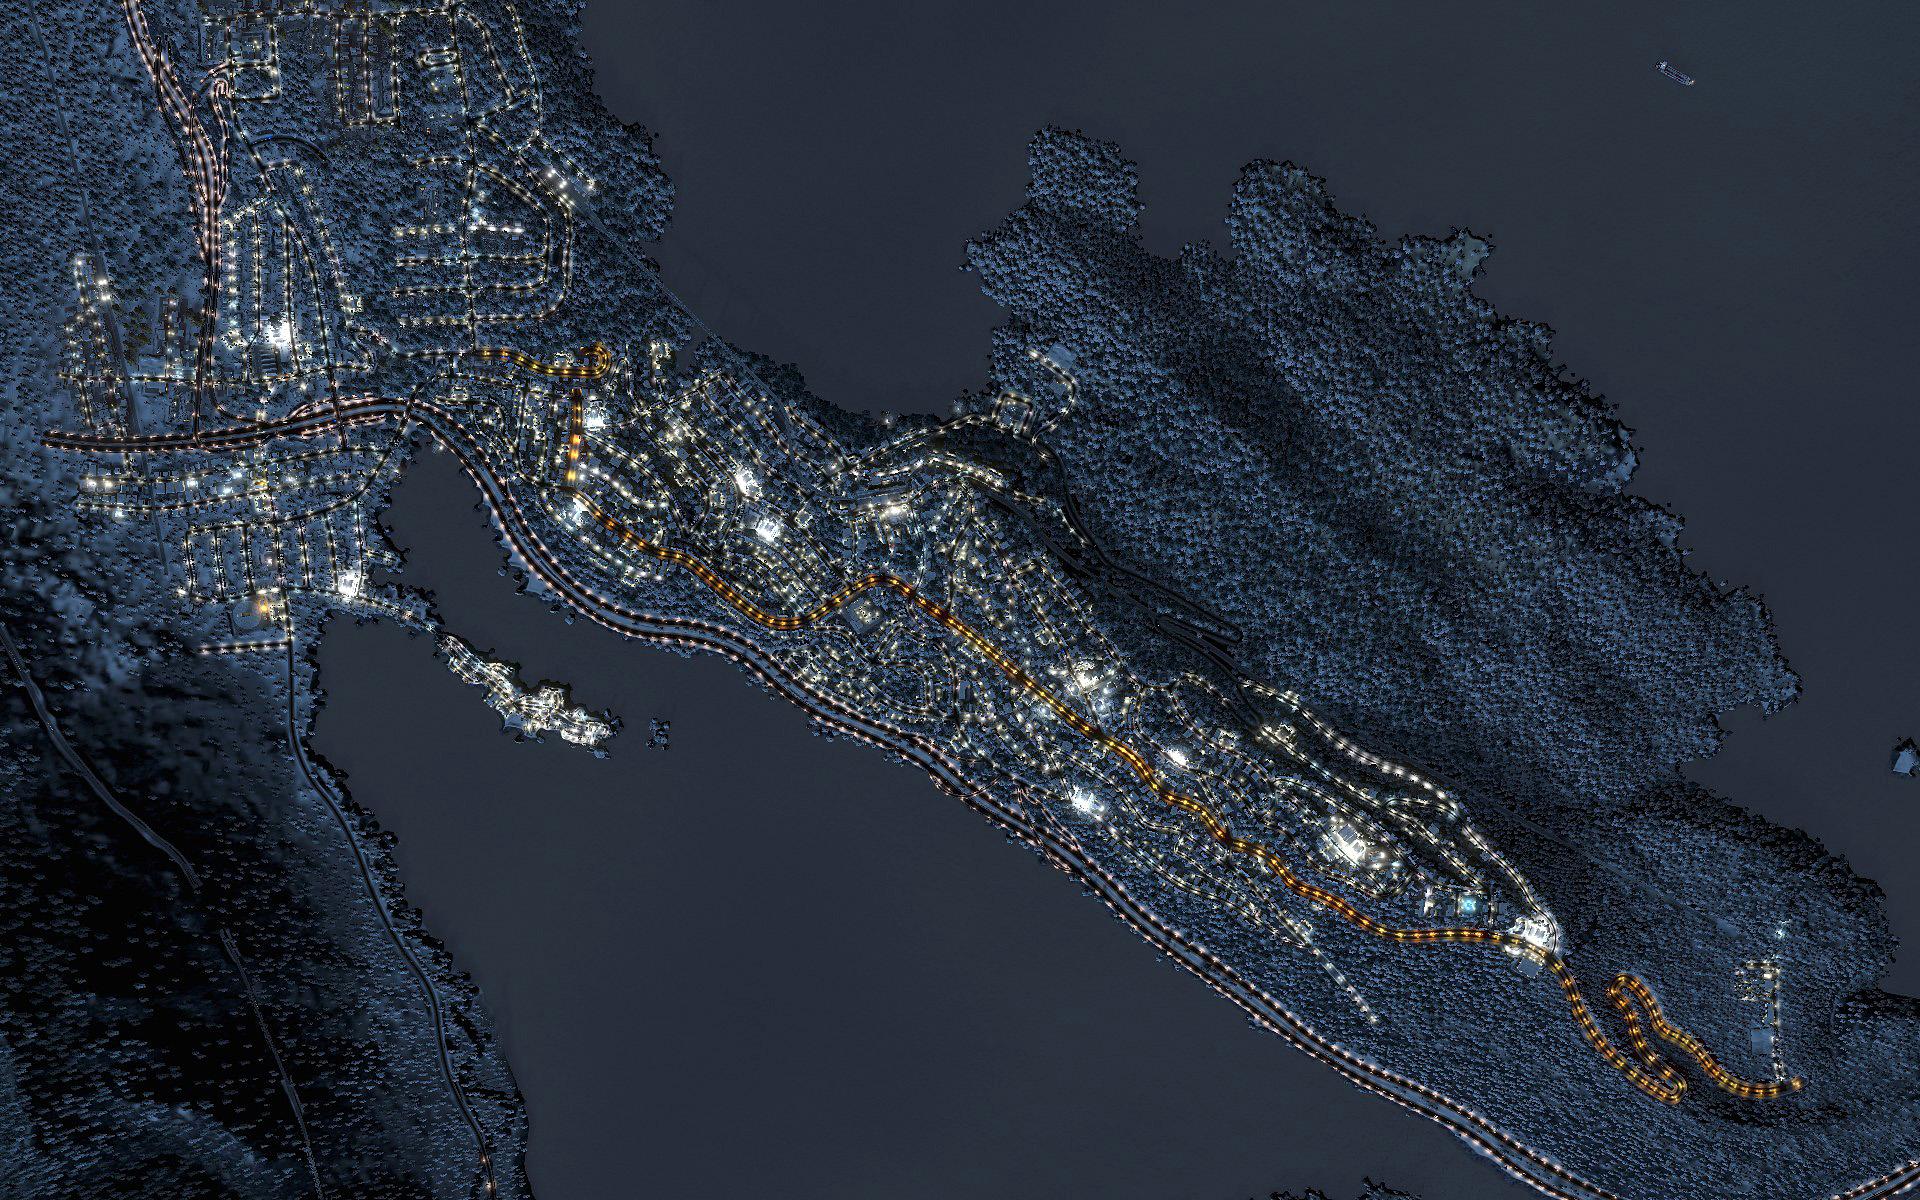 [CS] Dalmatia - Sur carte de base base des Bouches de Kotor, Monténégro - Page 2 20160330044819_1